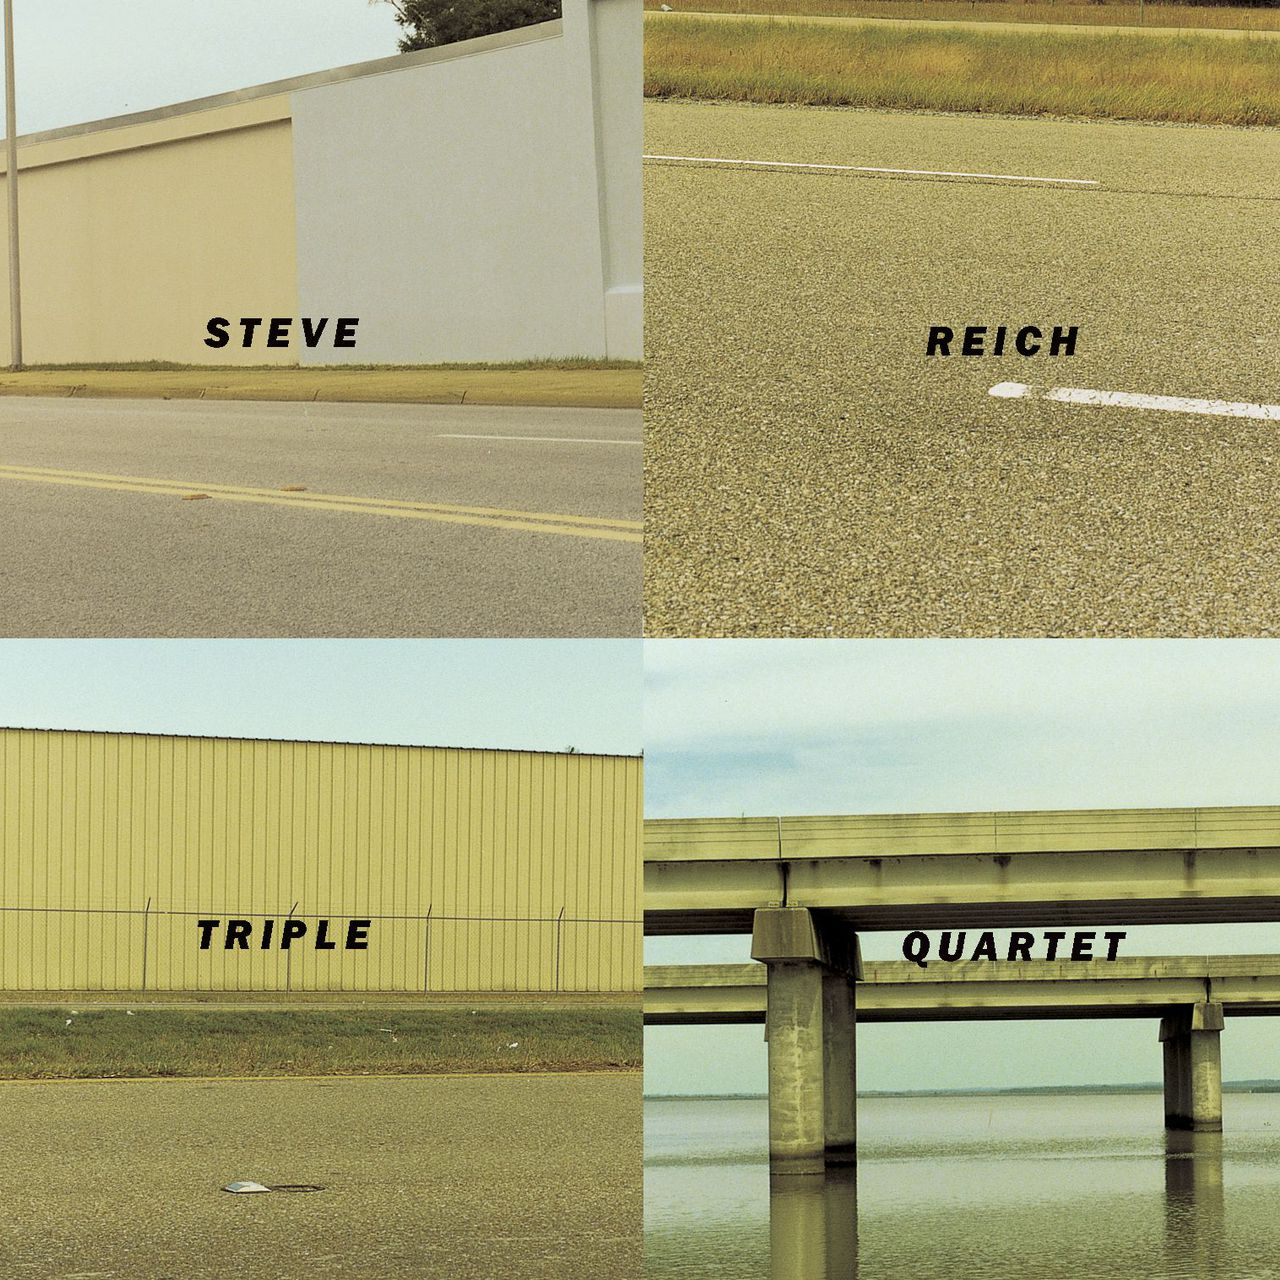 Triple Quartet (Steve Reich, 2001)